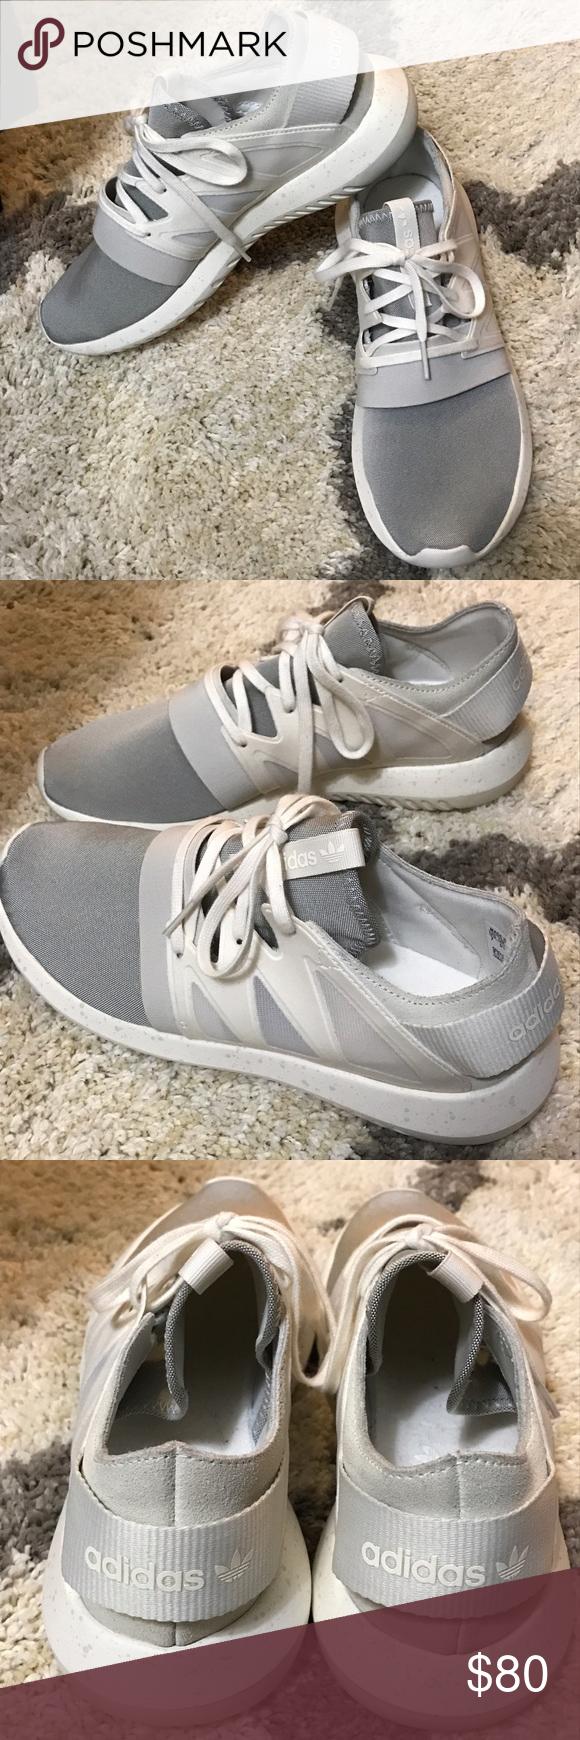 adidas originali tubulare scarpe autentici (non commerciale virale)